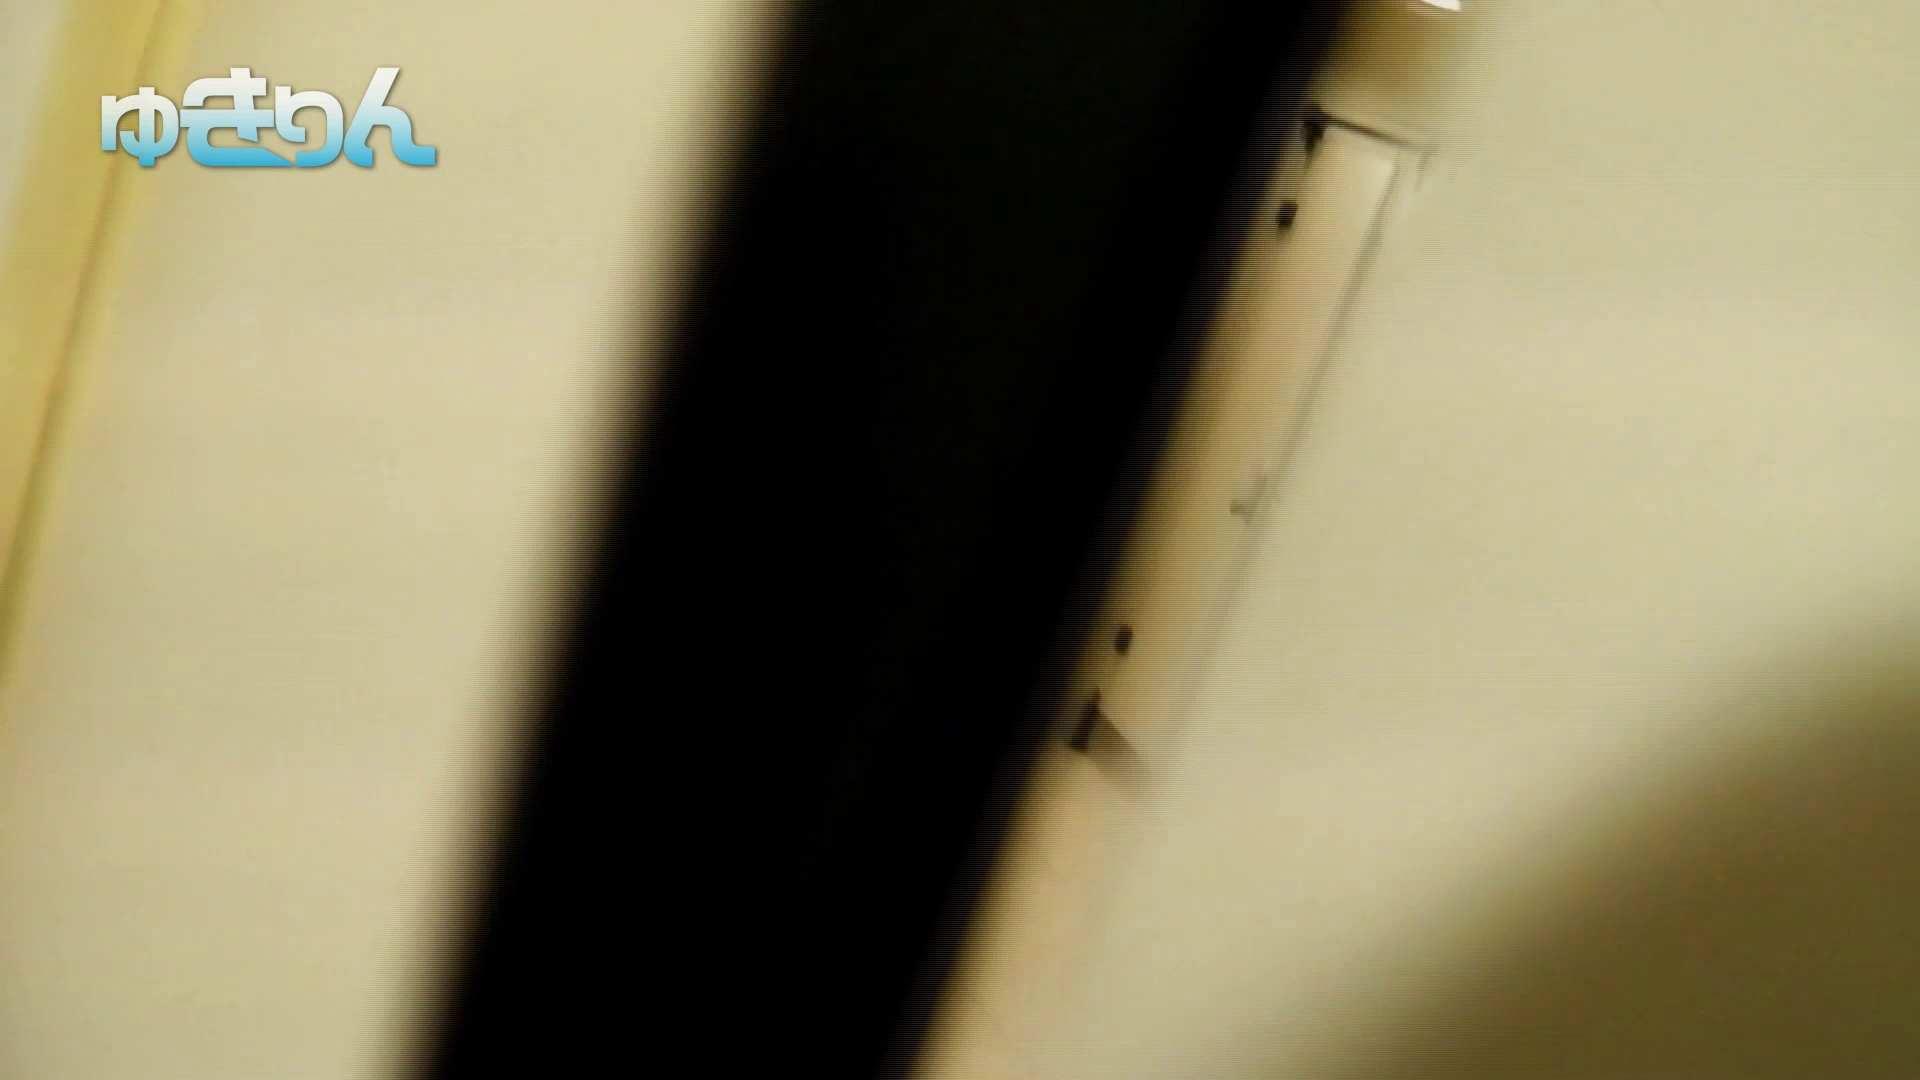 新世界の射窓 No79 ハイっ!きましたトップモデル登場実は名女優 可愛いモデル   0  91画像 24